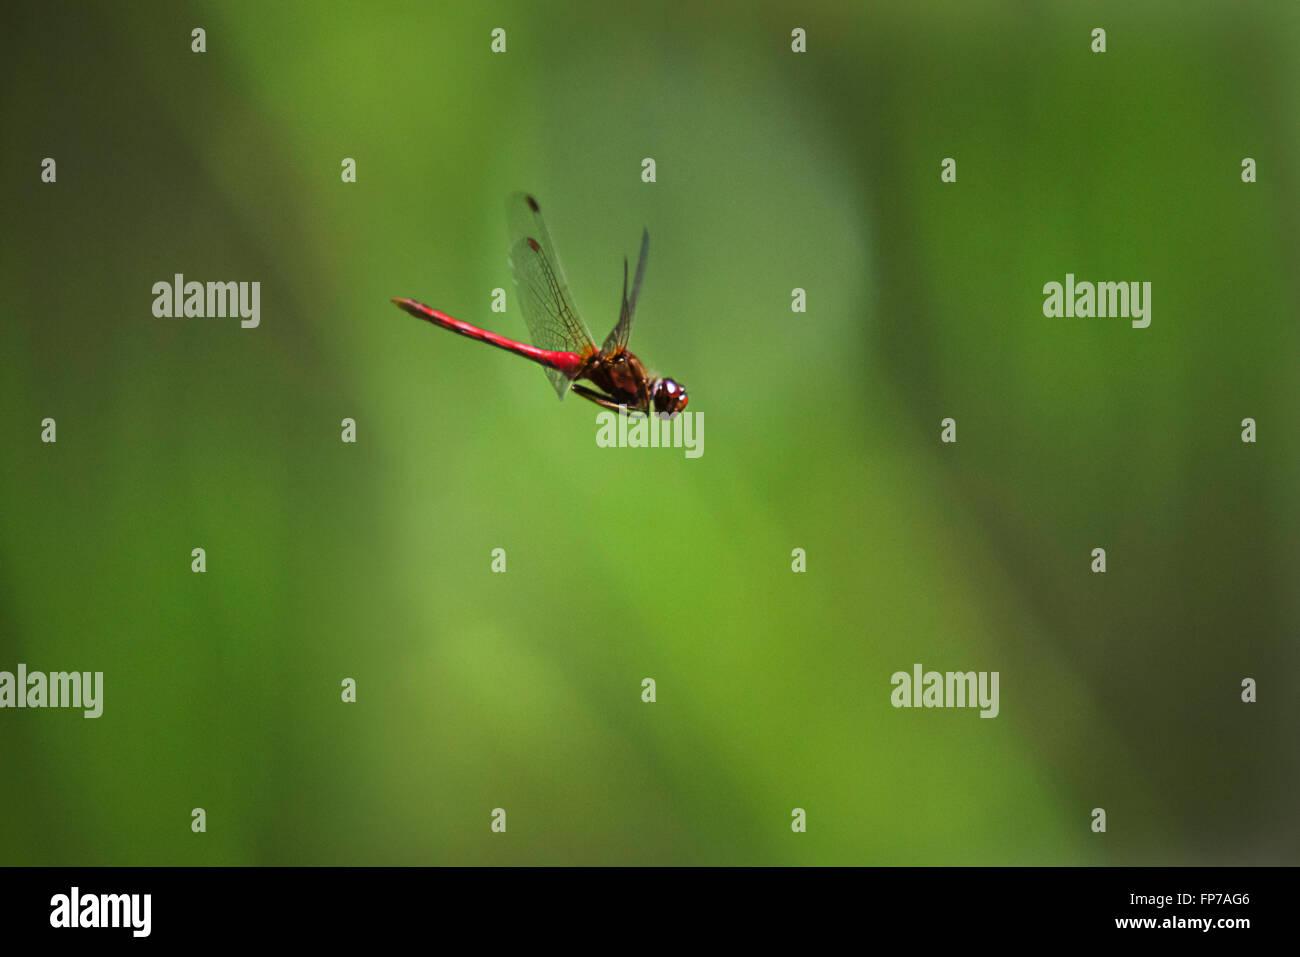 Ruby meadowhawk vol libellule sur fond vert. Banque D'Images